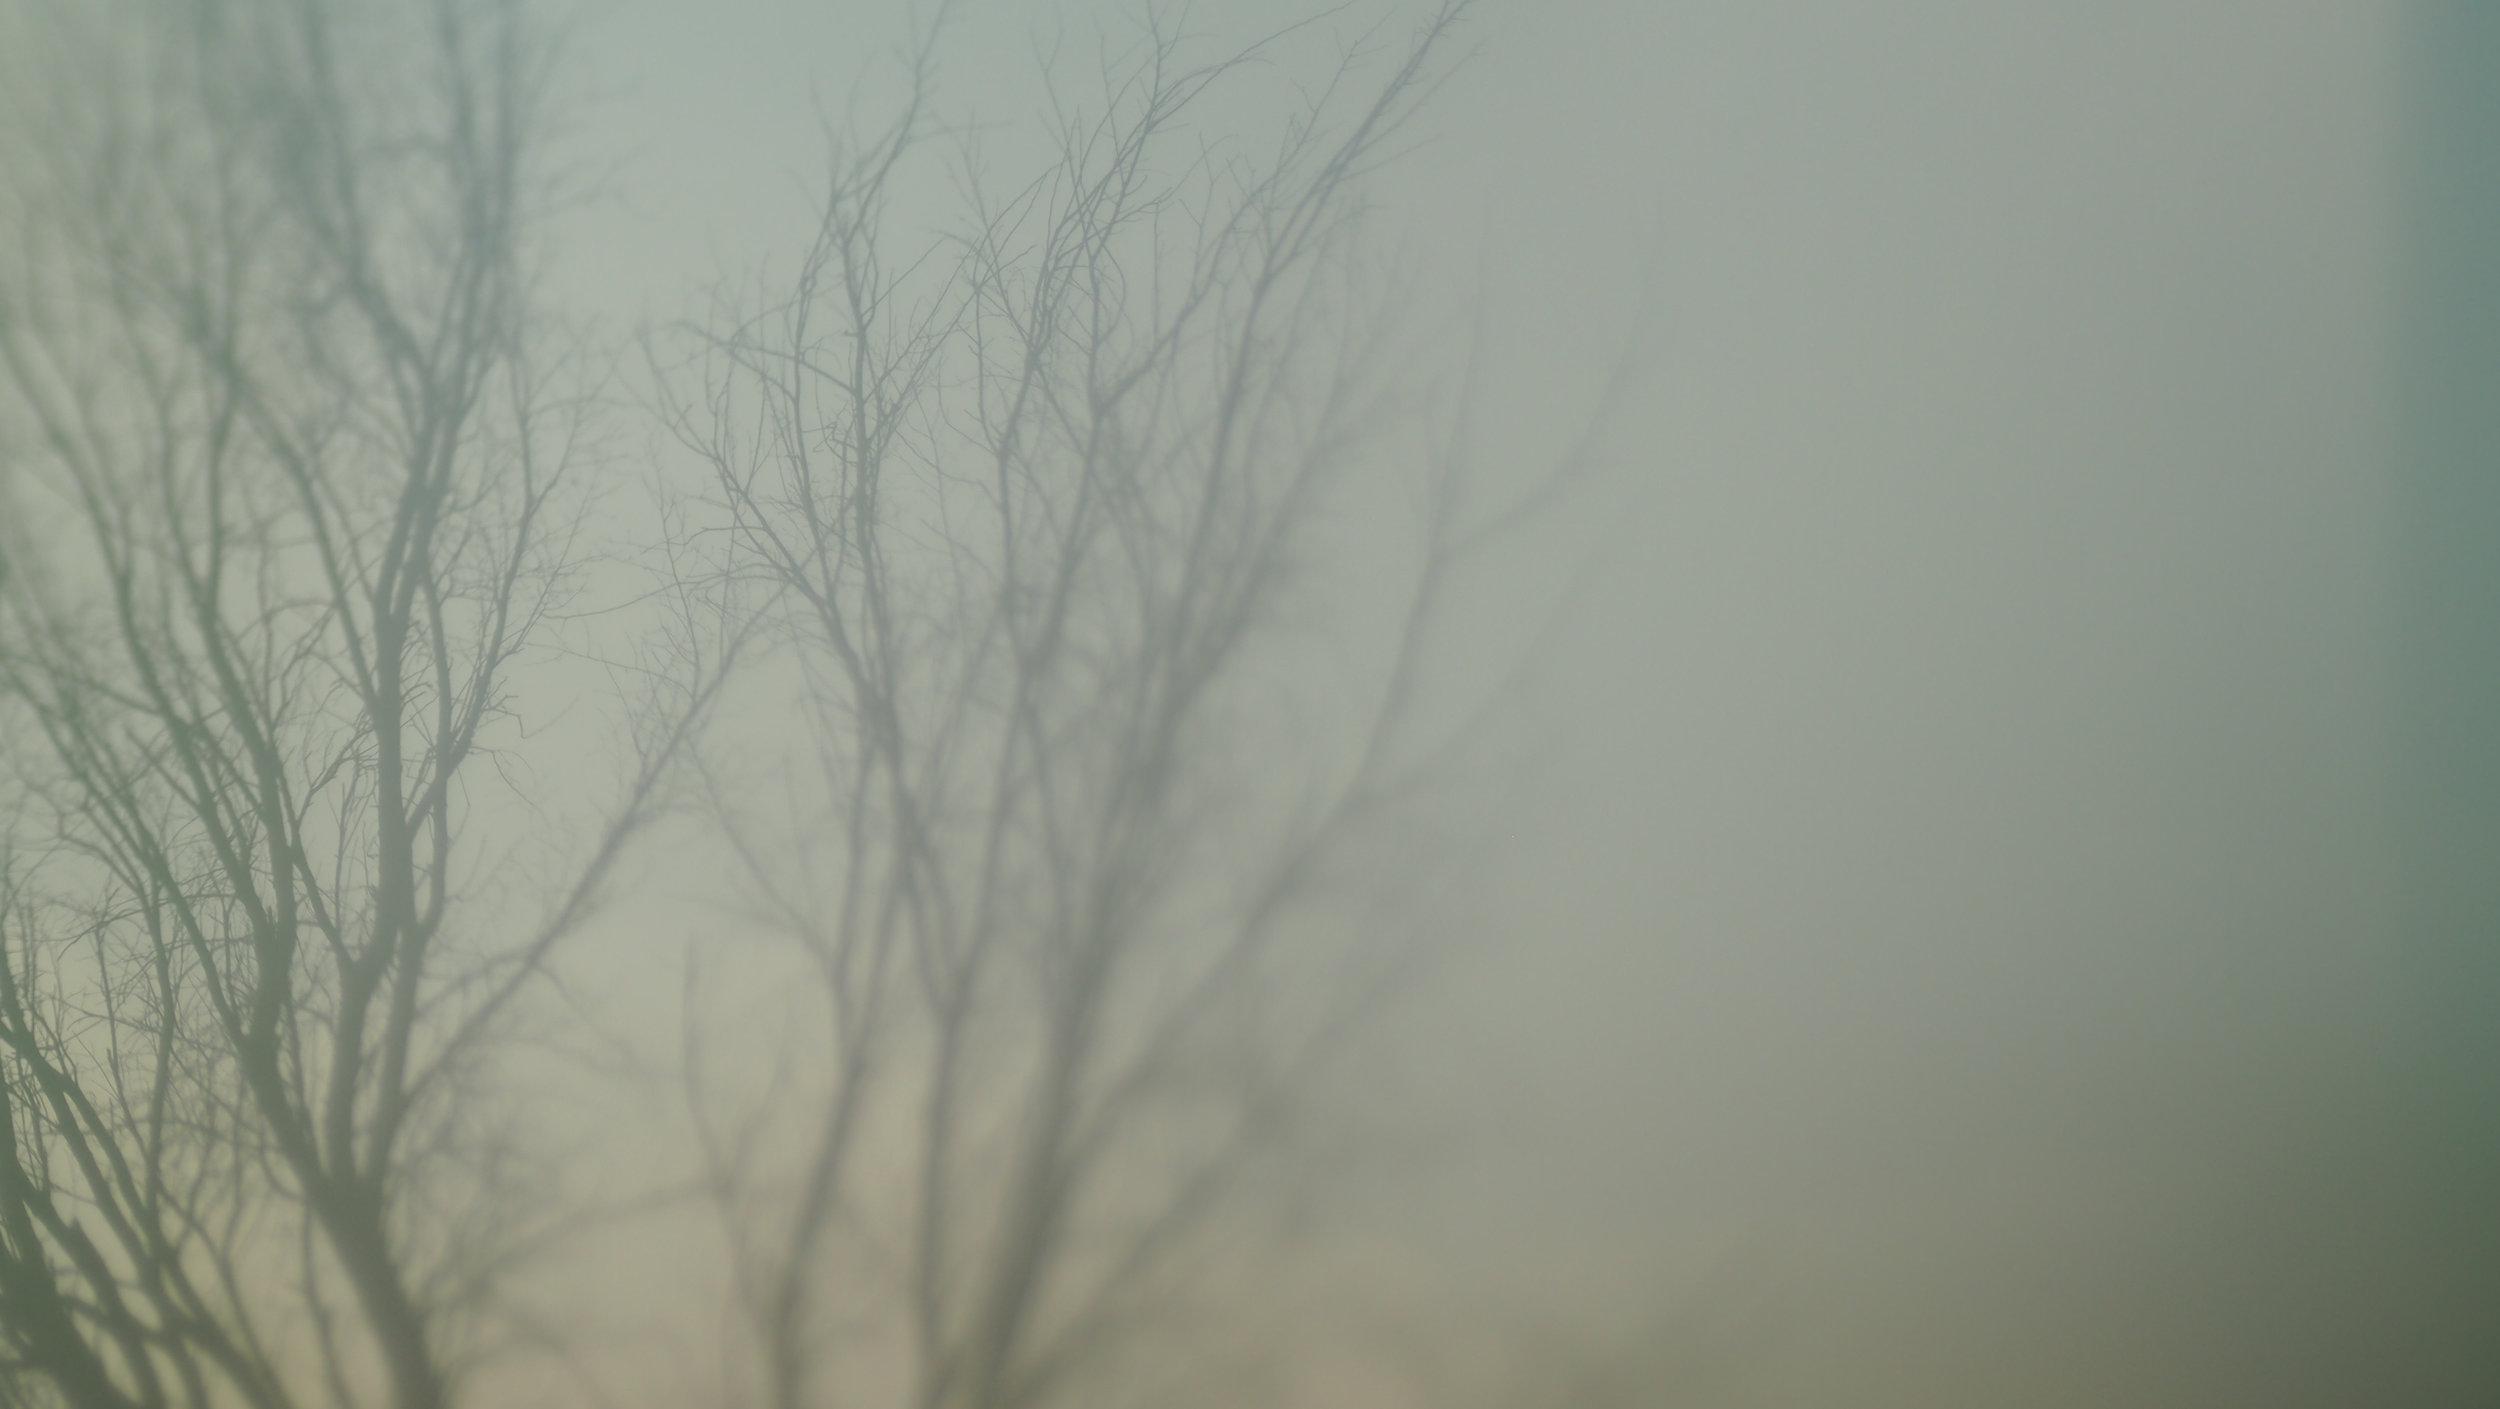 OLYM-140826-6.jpg